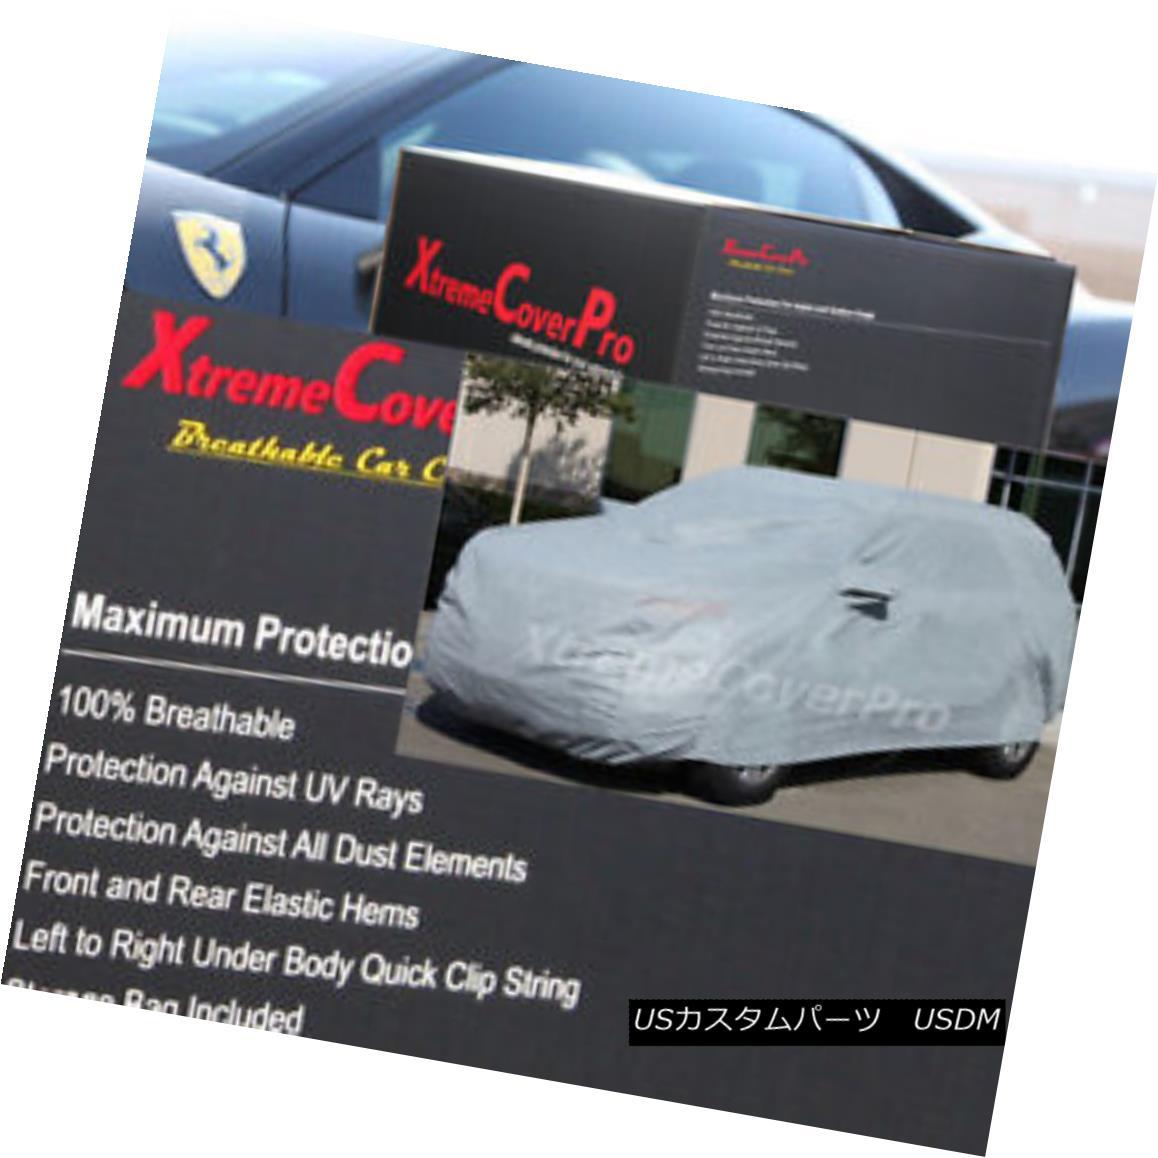 カーカバー 2011 2012 Toyota Sienna Breathable Car Cover w/MirrorPocket MirrorPocketを搭載した2011年トヨタシエナ通気性車カバー